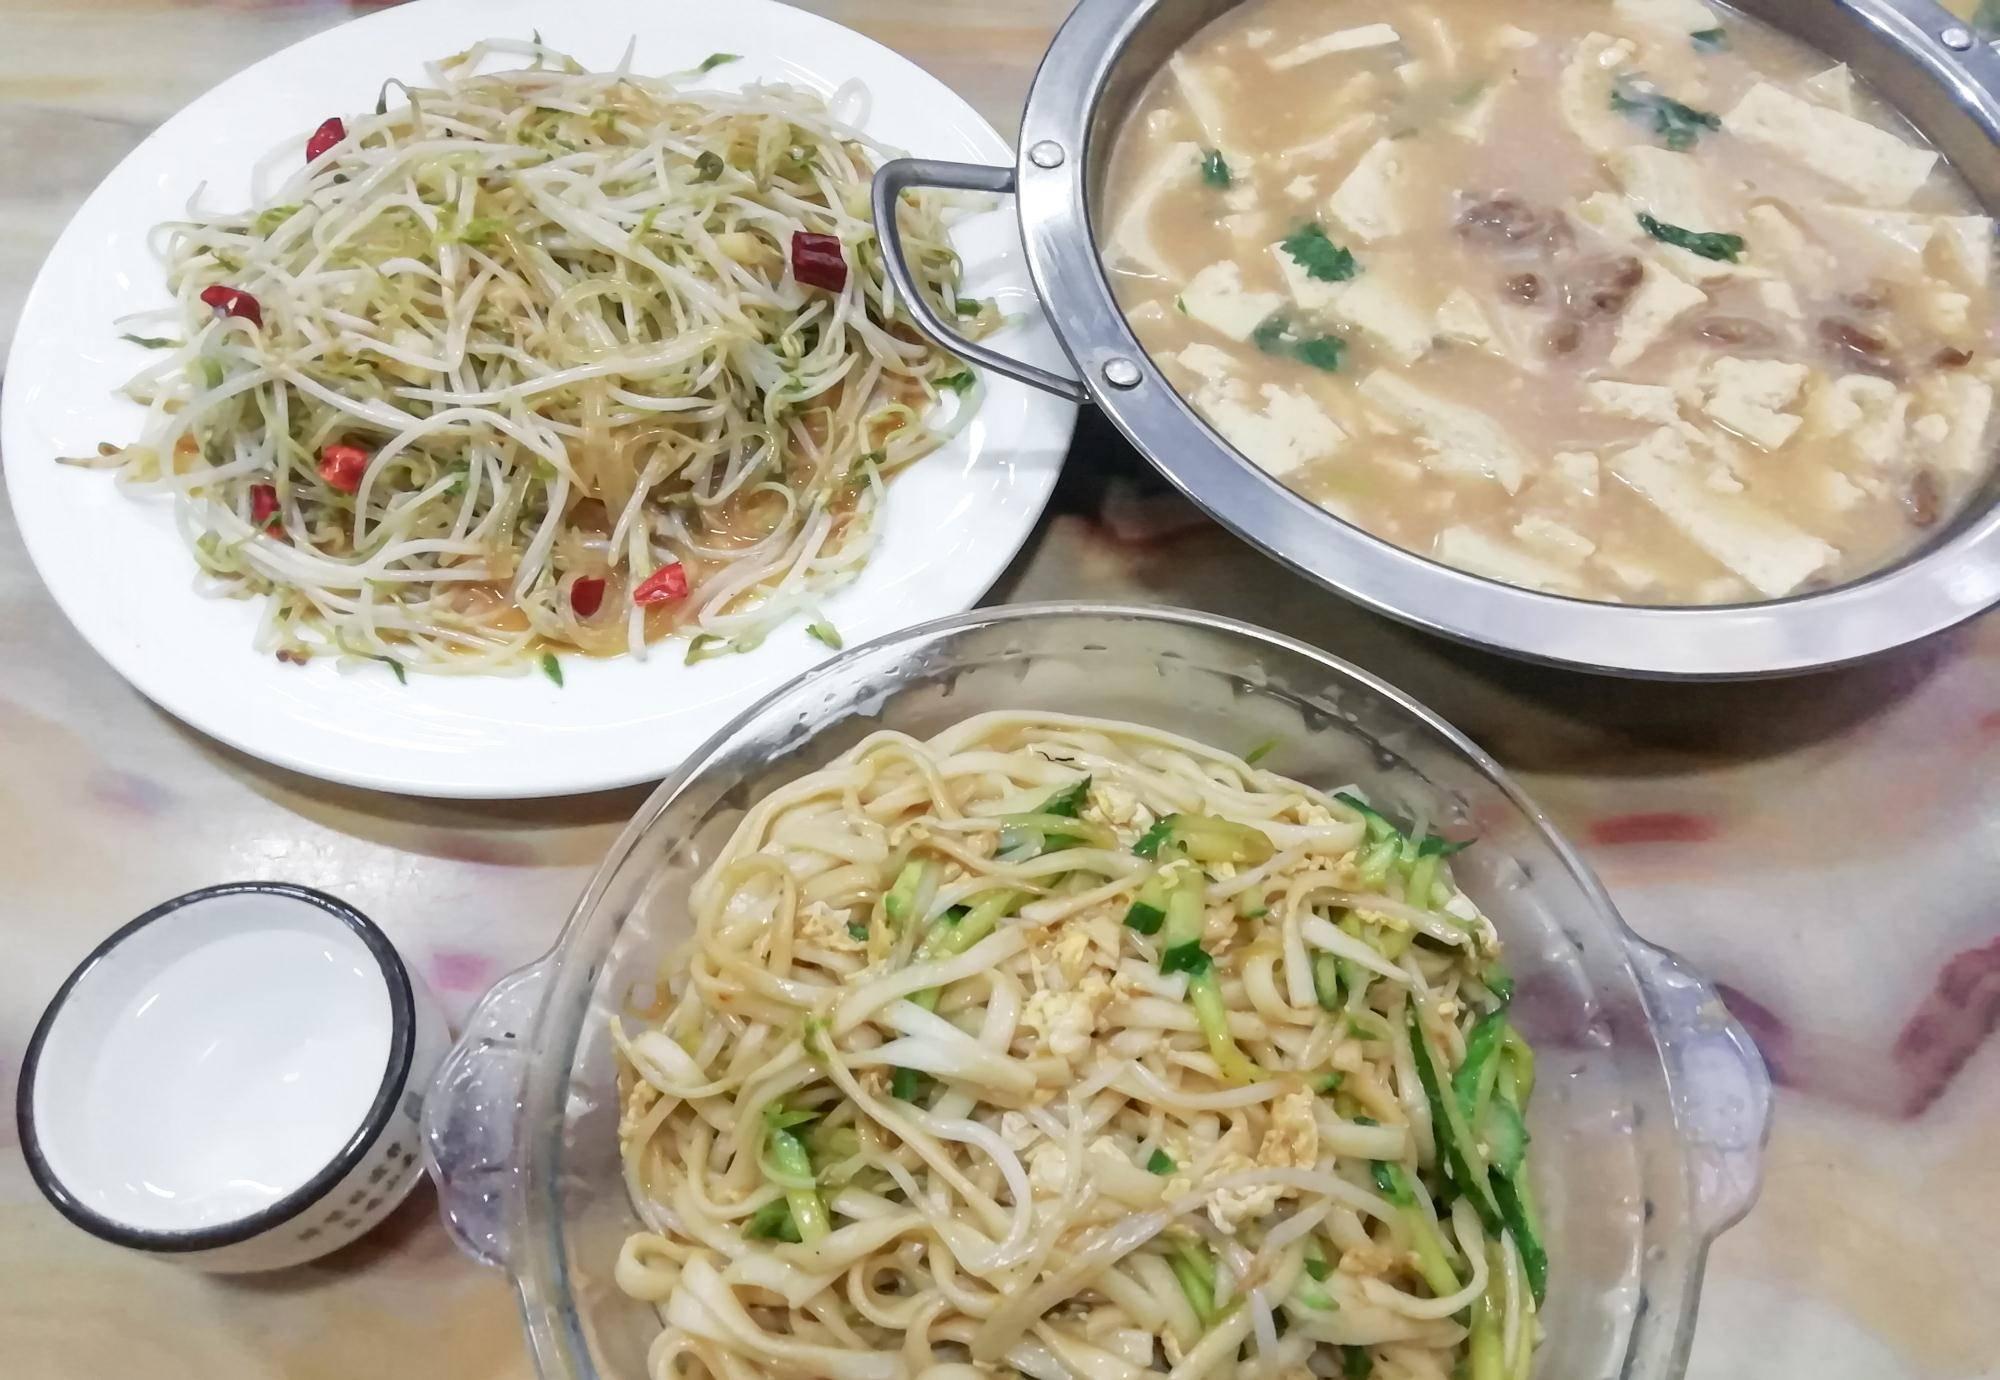 2020年14点阿尔山前往内蒙古霍林郭勒继续进餐。